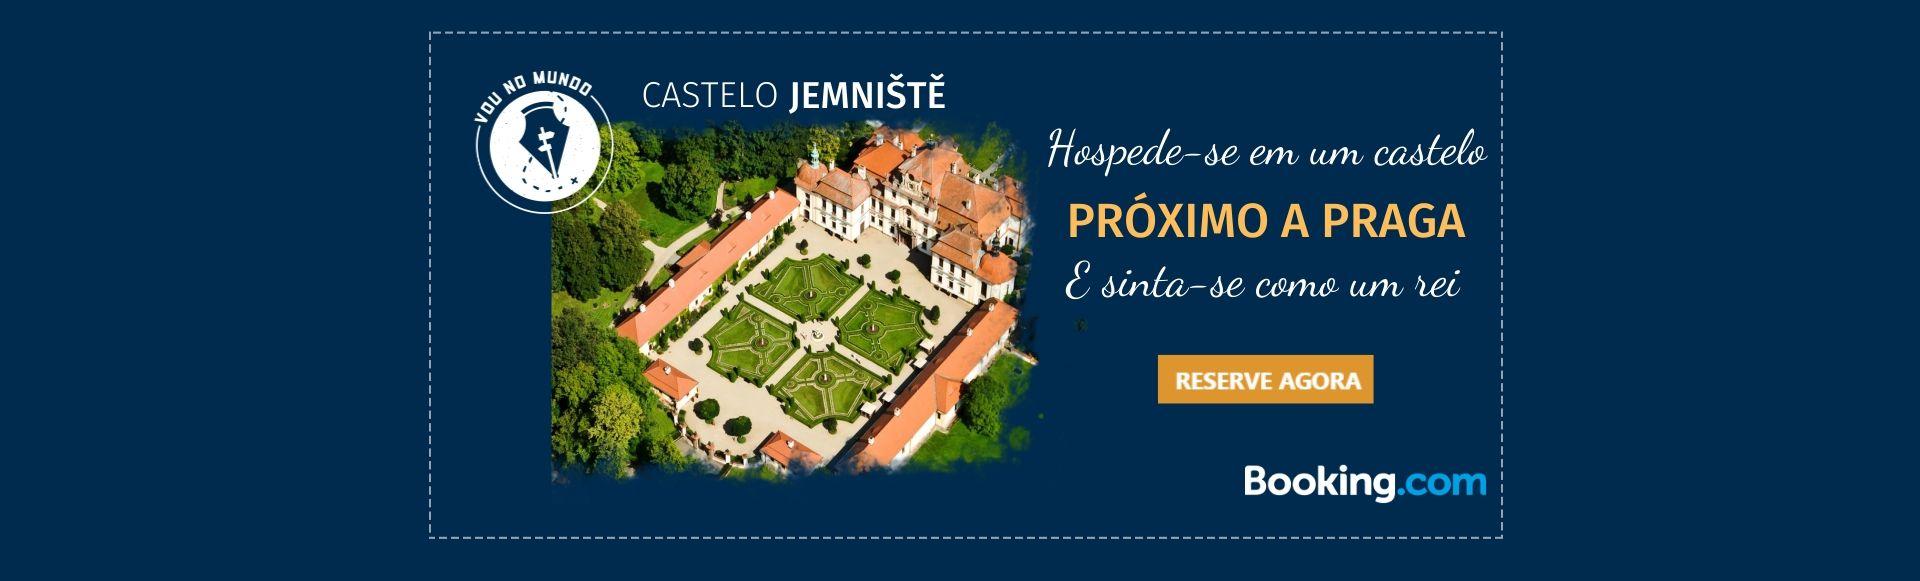 Castelo Jemniště é uma hospedagem próxima a Praga, na República Tcheca.